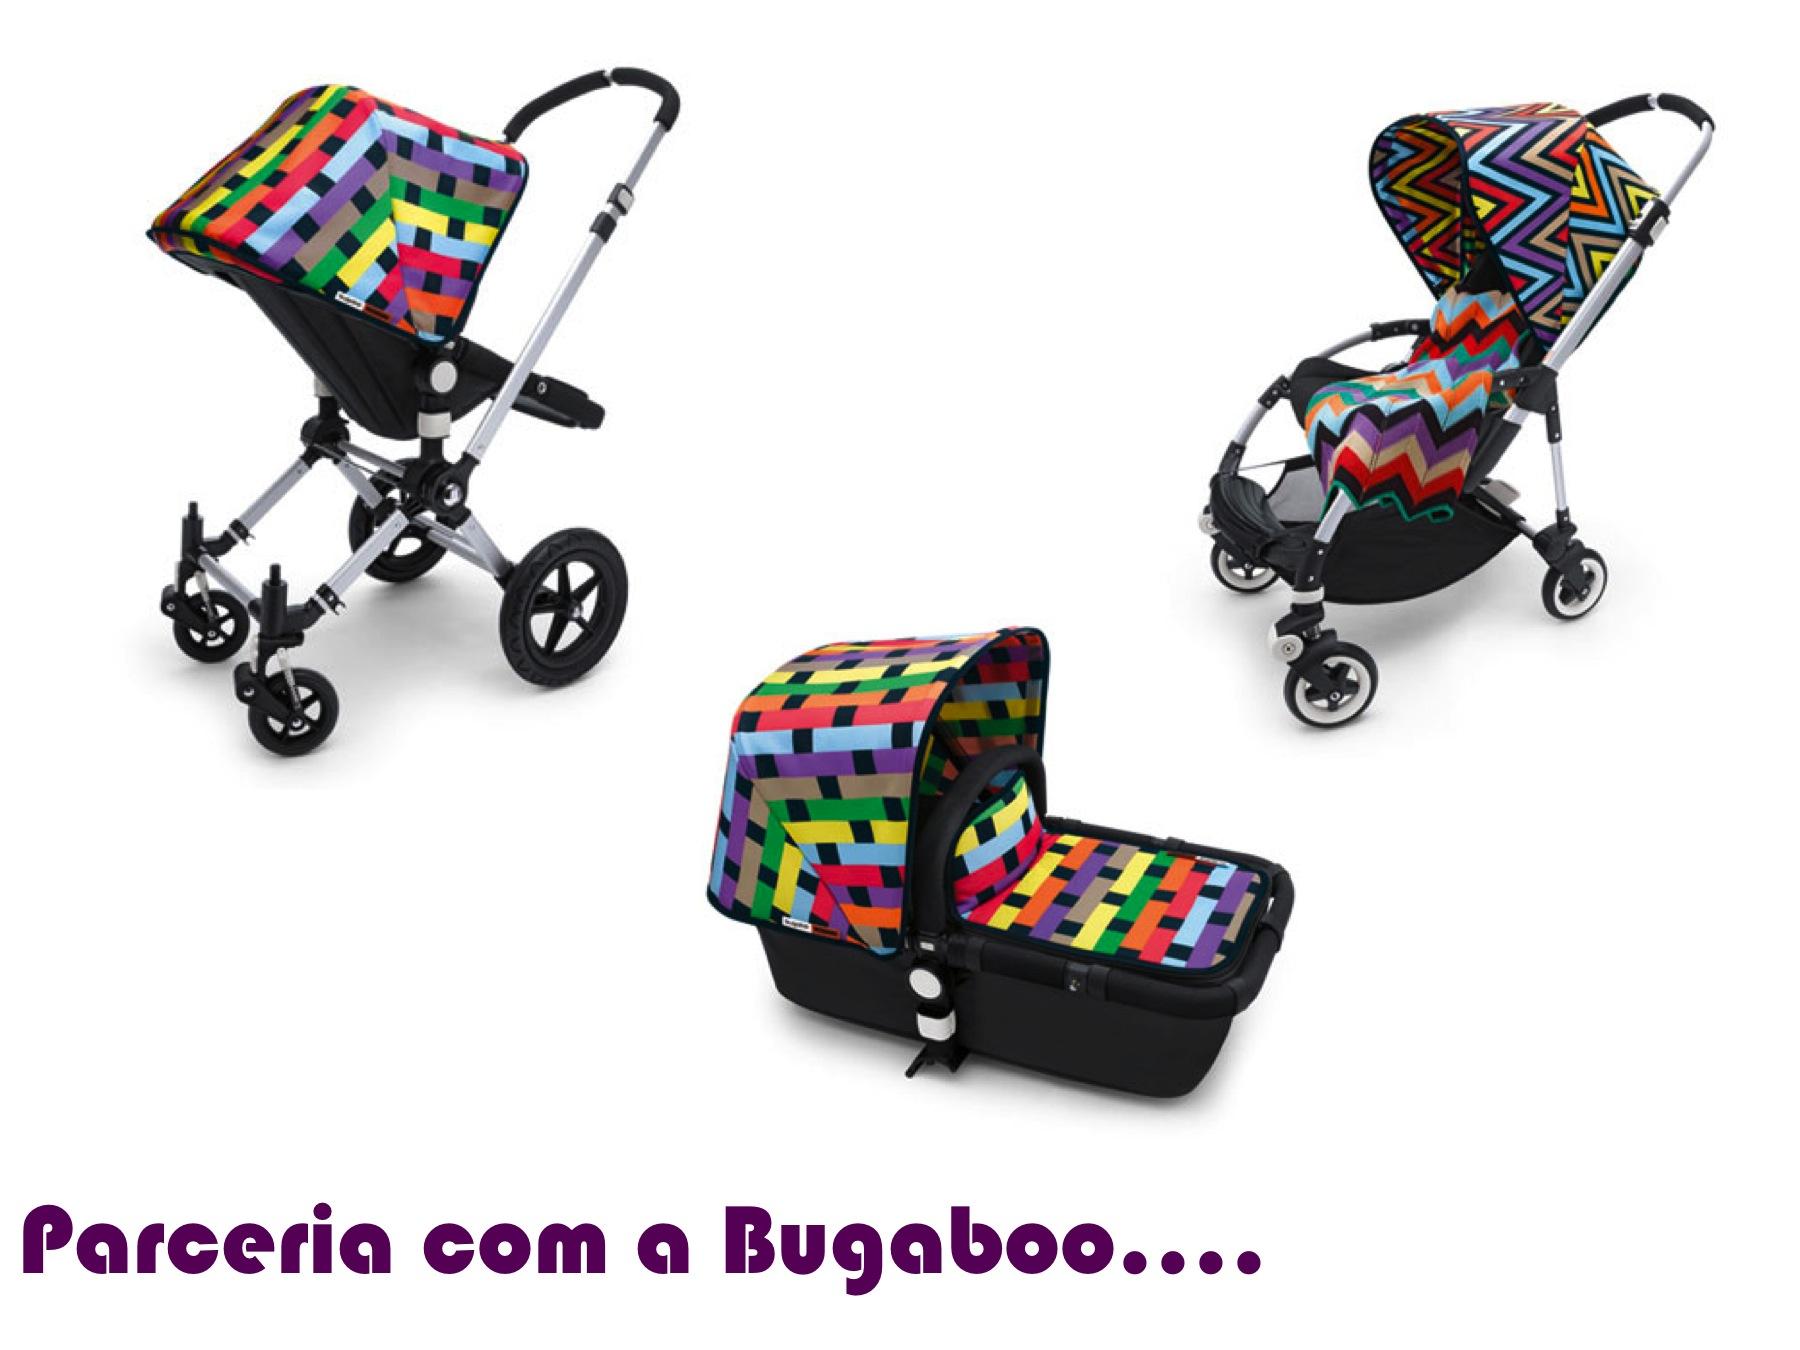 um carrinho de bebê super hiper mega fashion ?! A Missoni tem #B64415 1800x1350